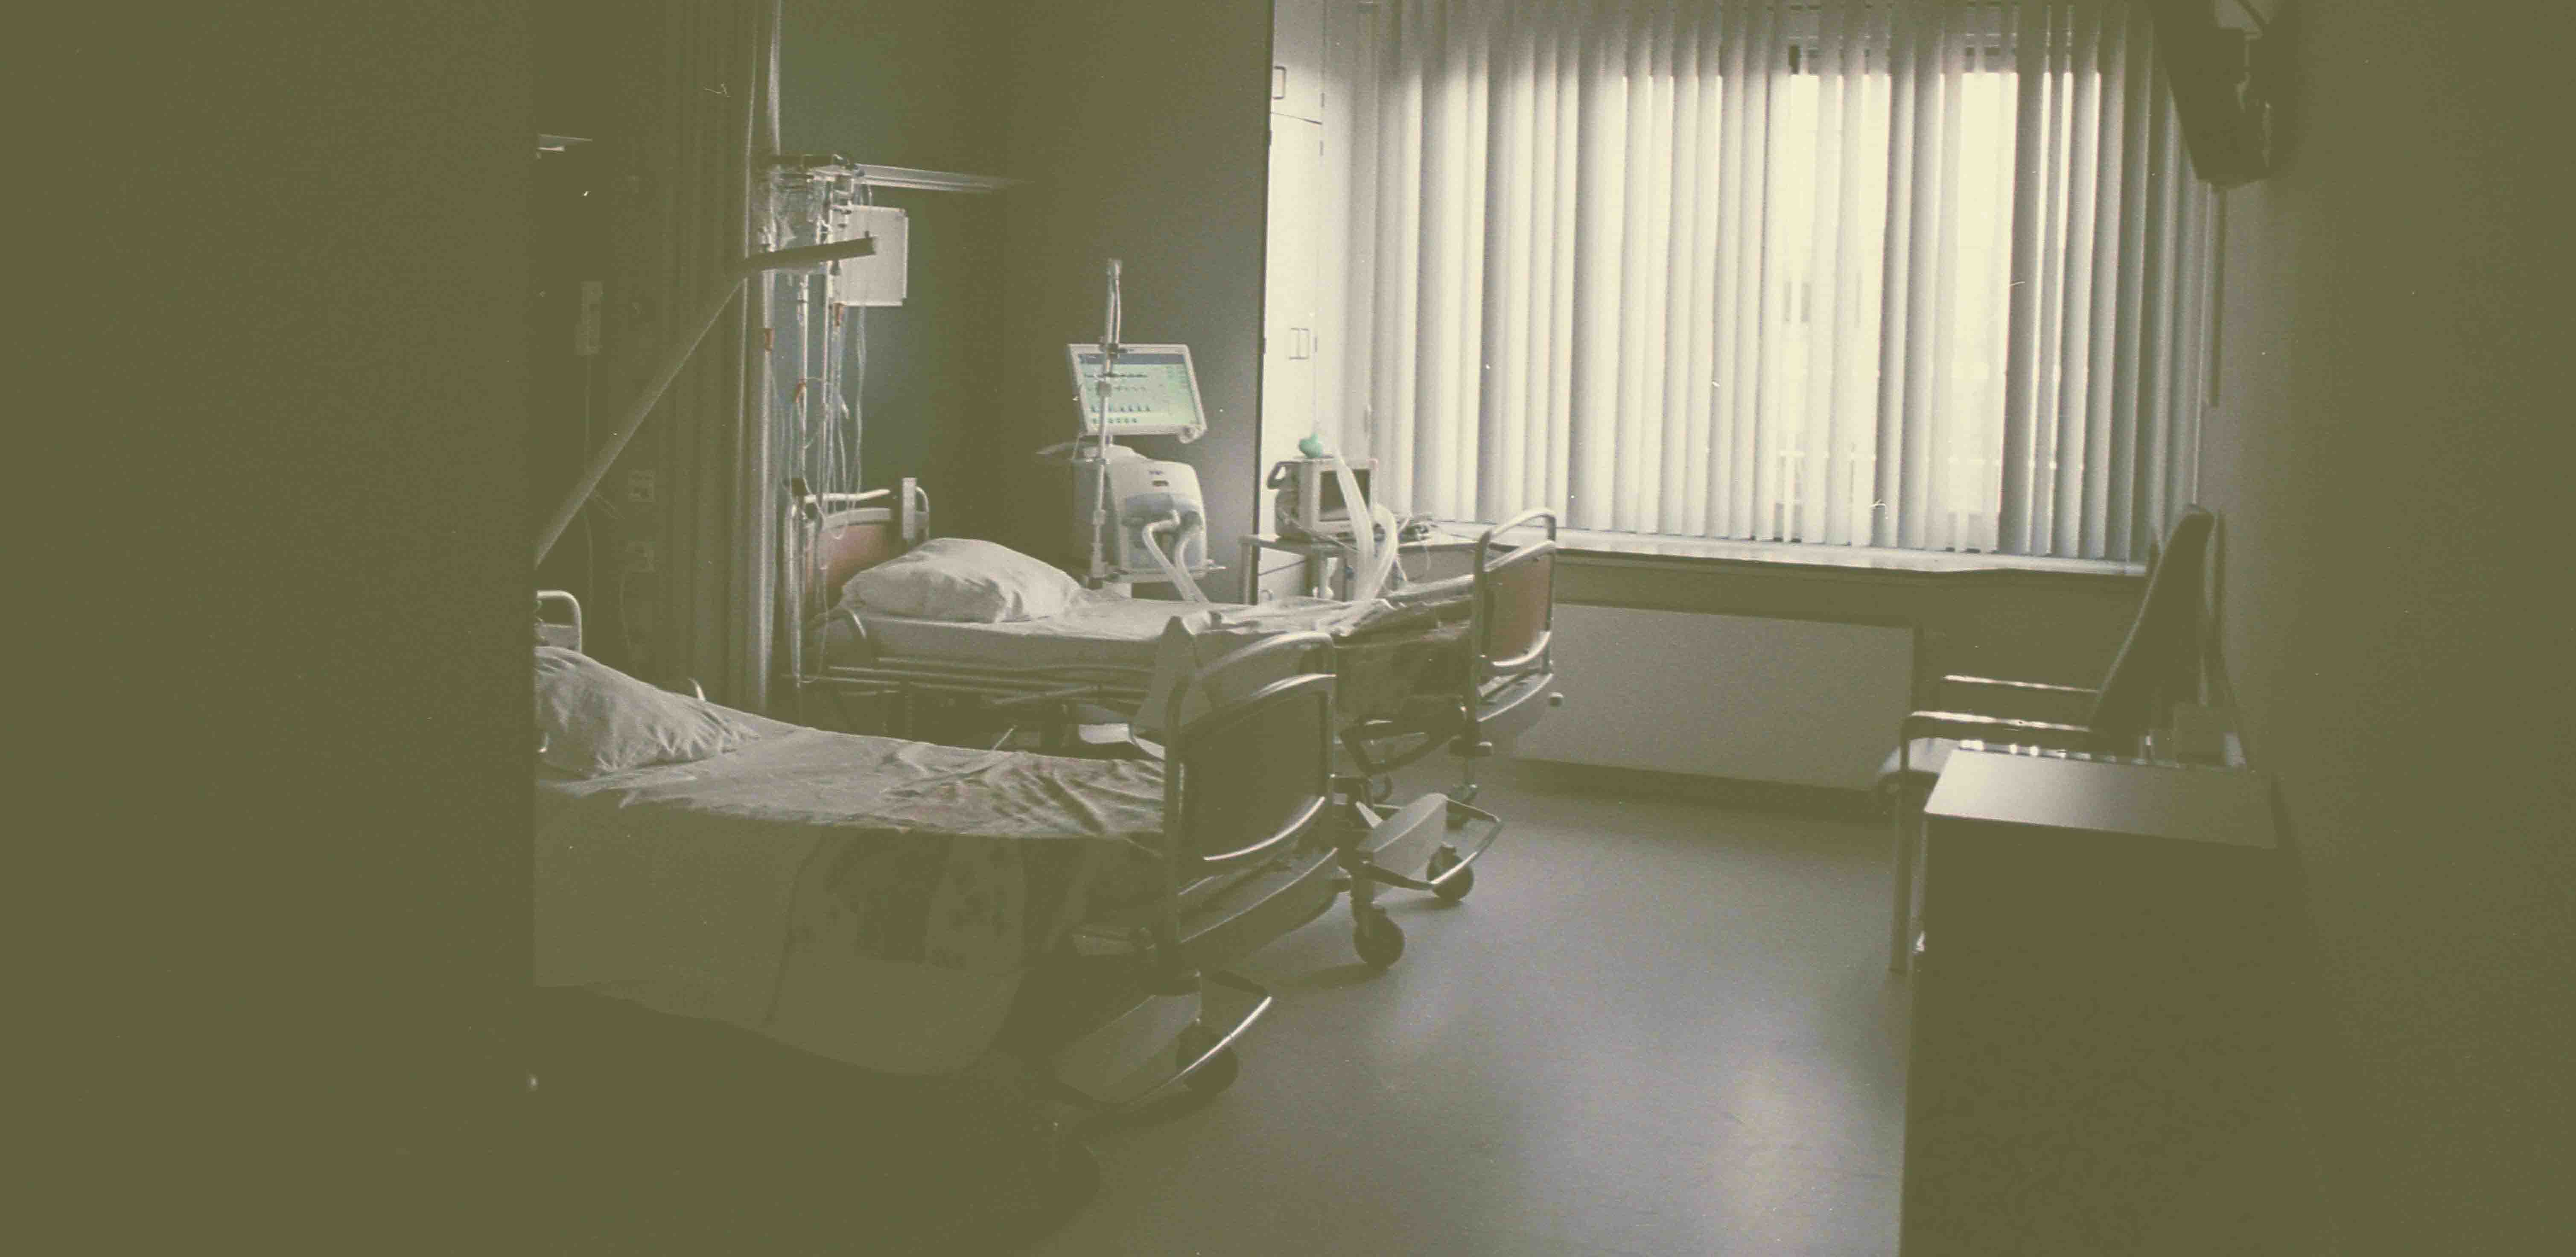 limpieza de hospitales en profundidad